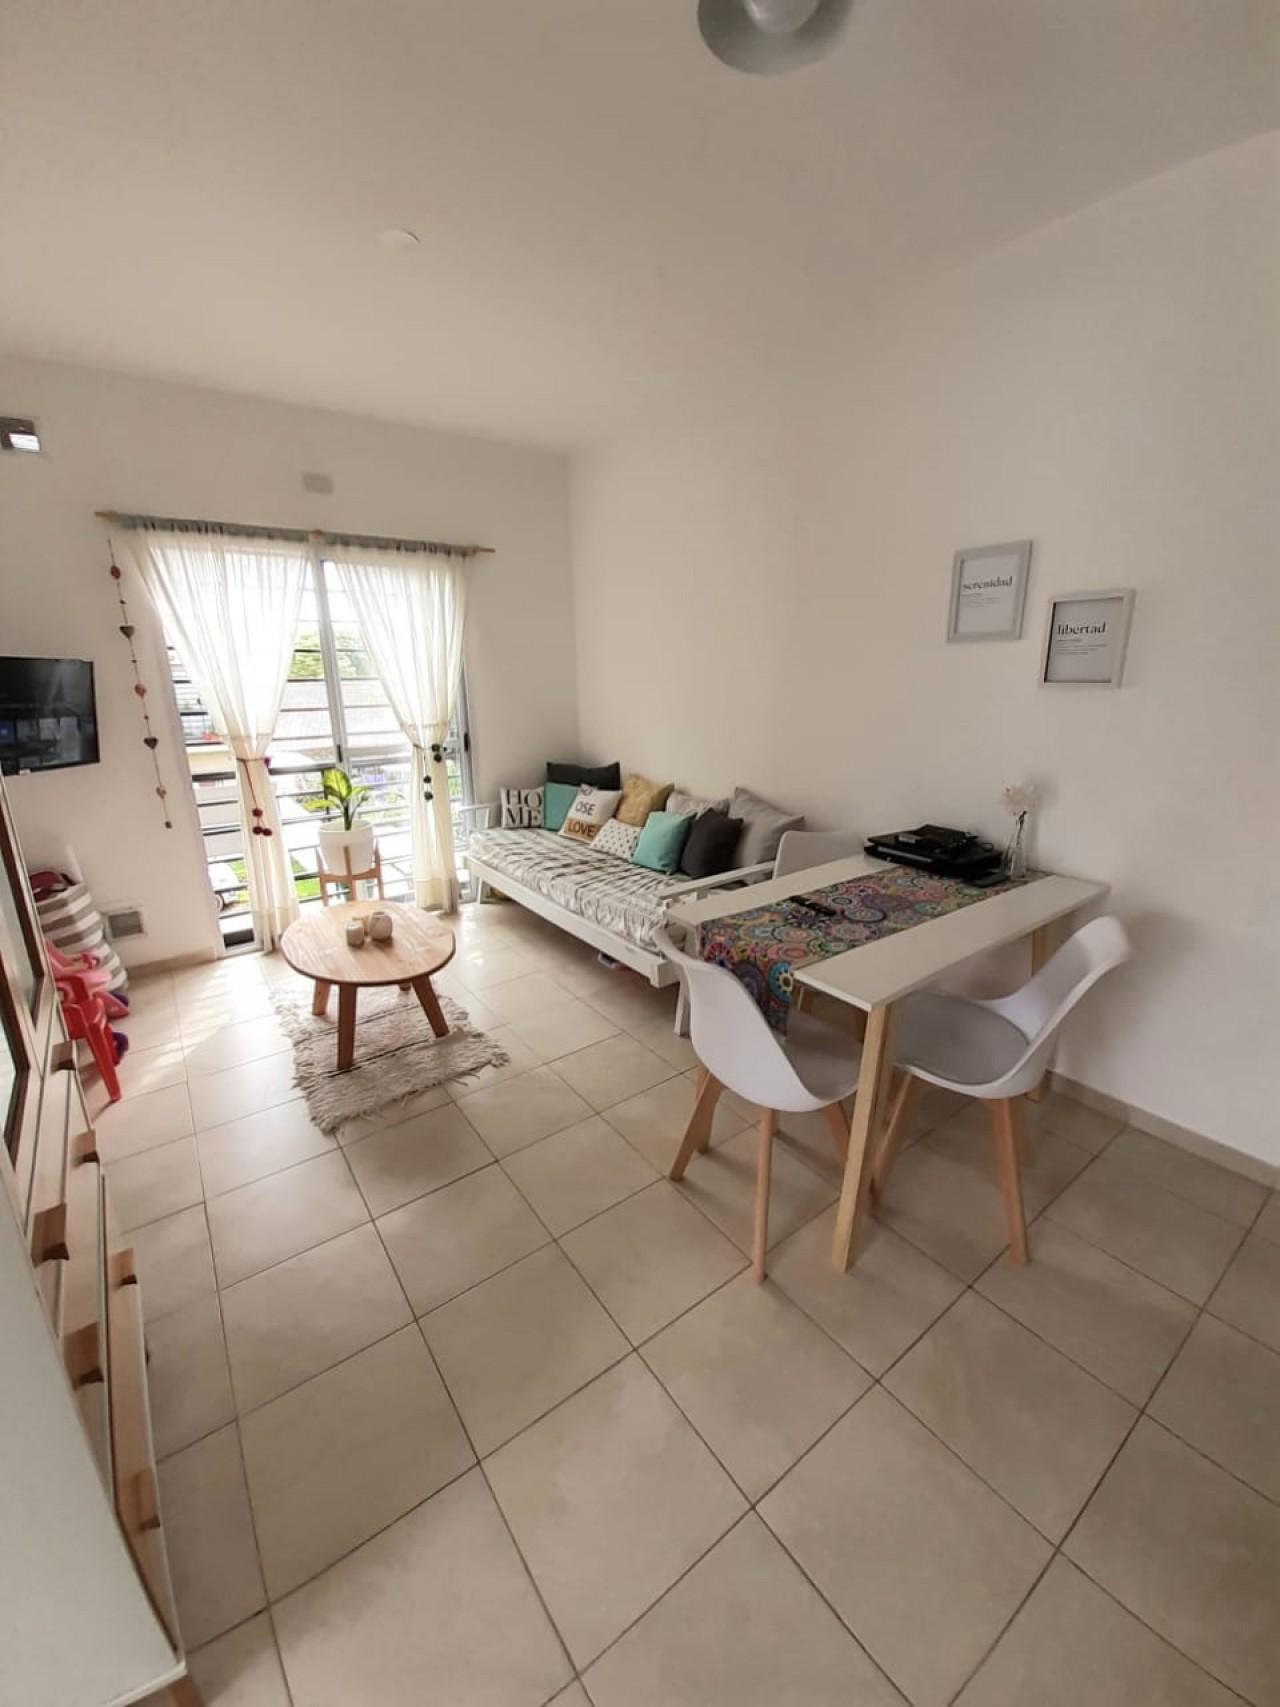 ### Departamento 2 Amb + Cochera - Bella Vista - Condominio Zafiro ####